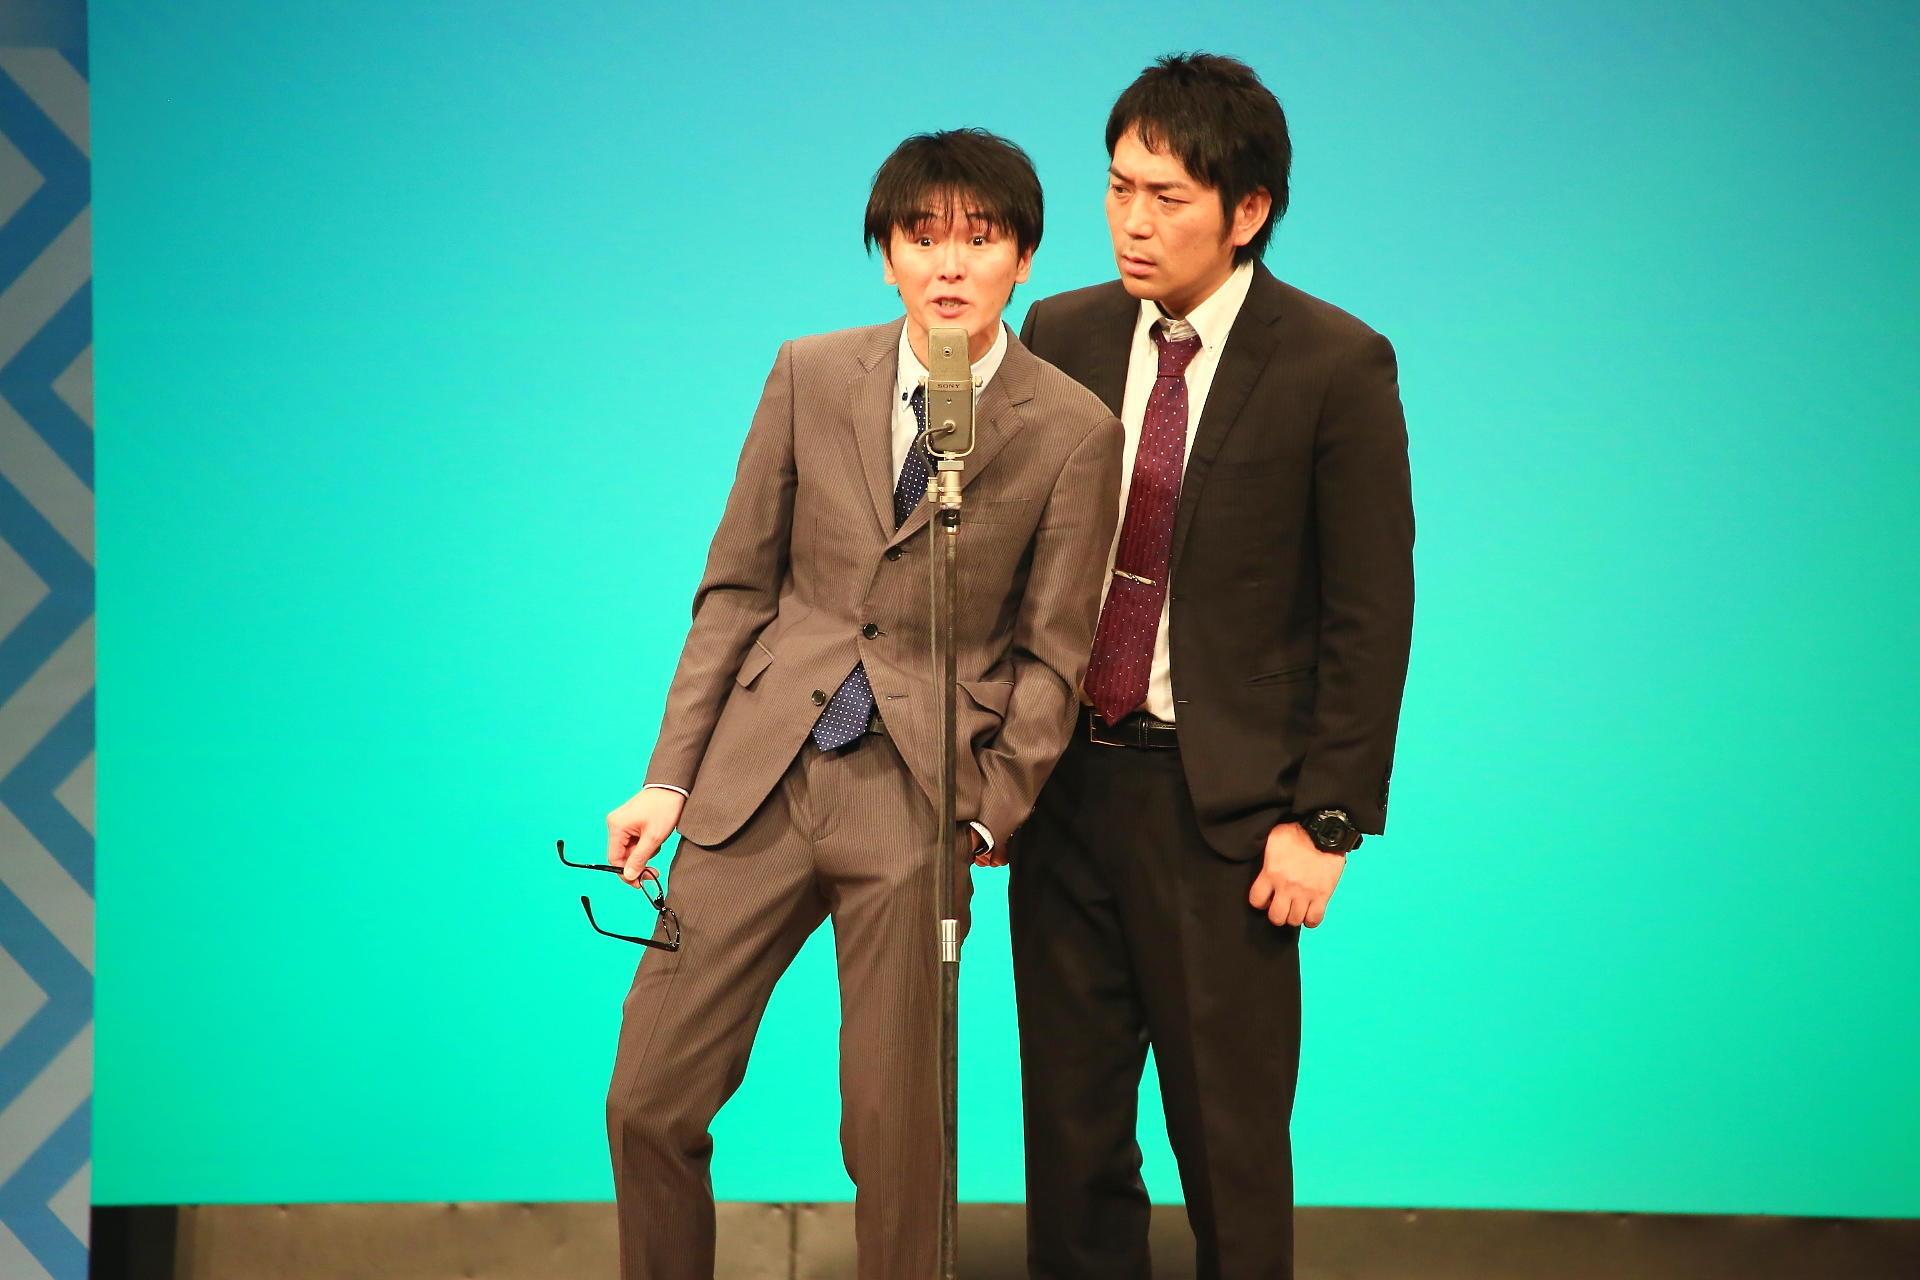 http://news.yoshimoto.co.jp/20171112095612-7051b2b7c3f738c5e93a8f40ceb67e8da9032bd2.jpg